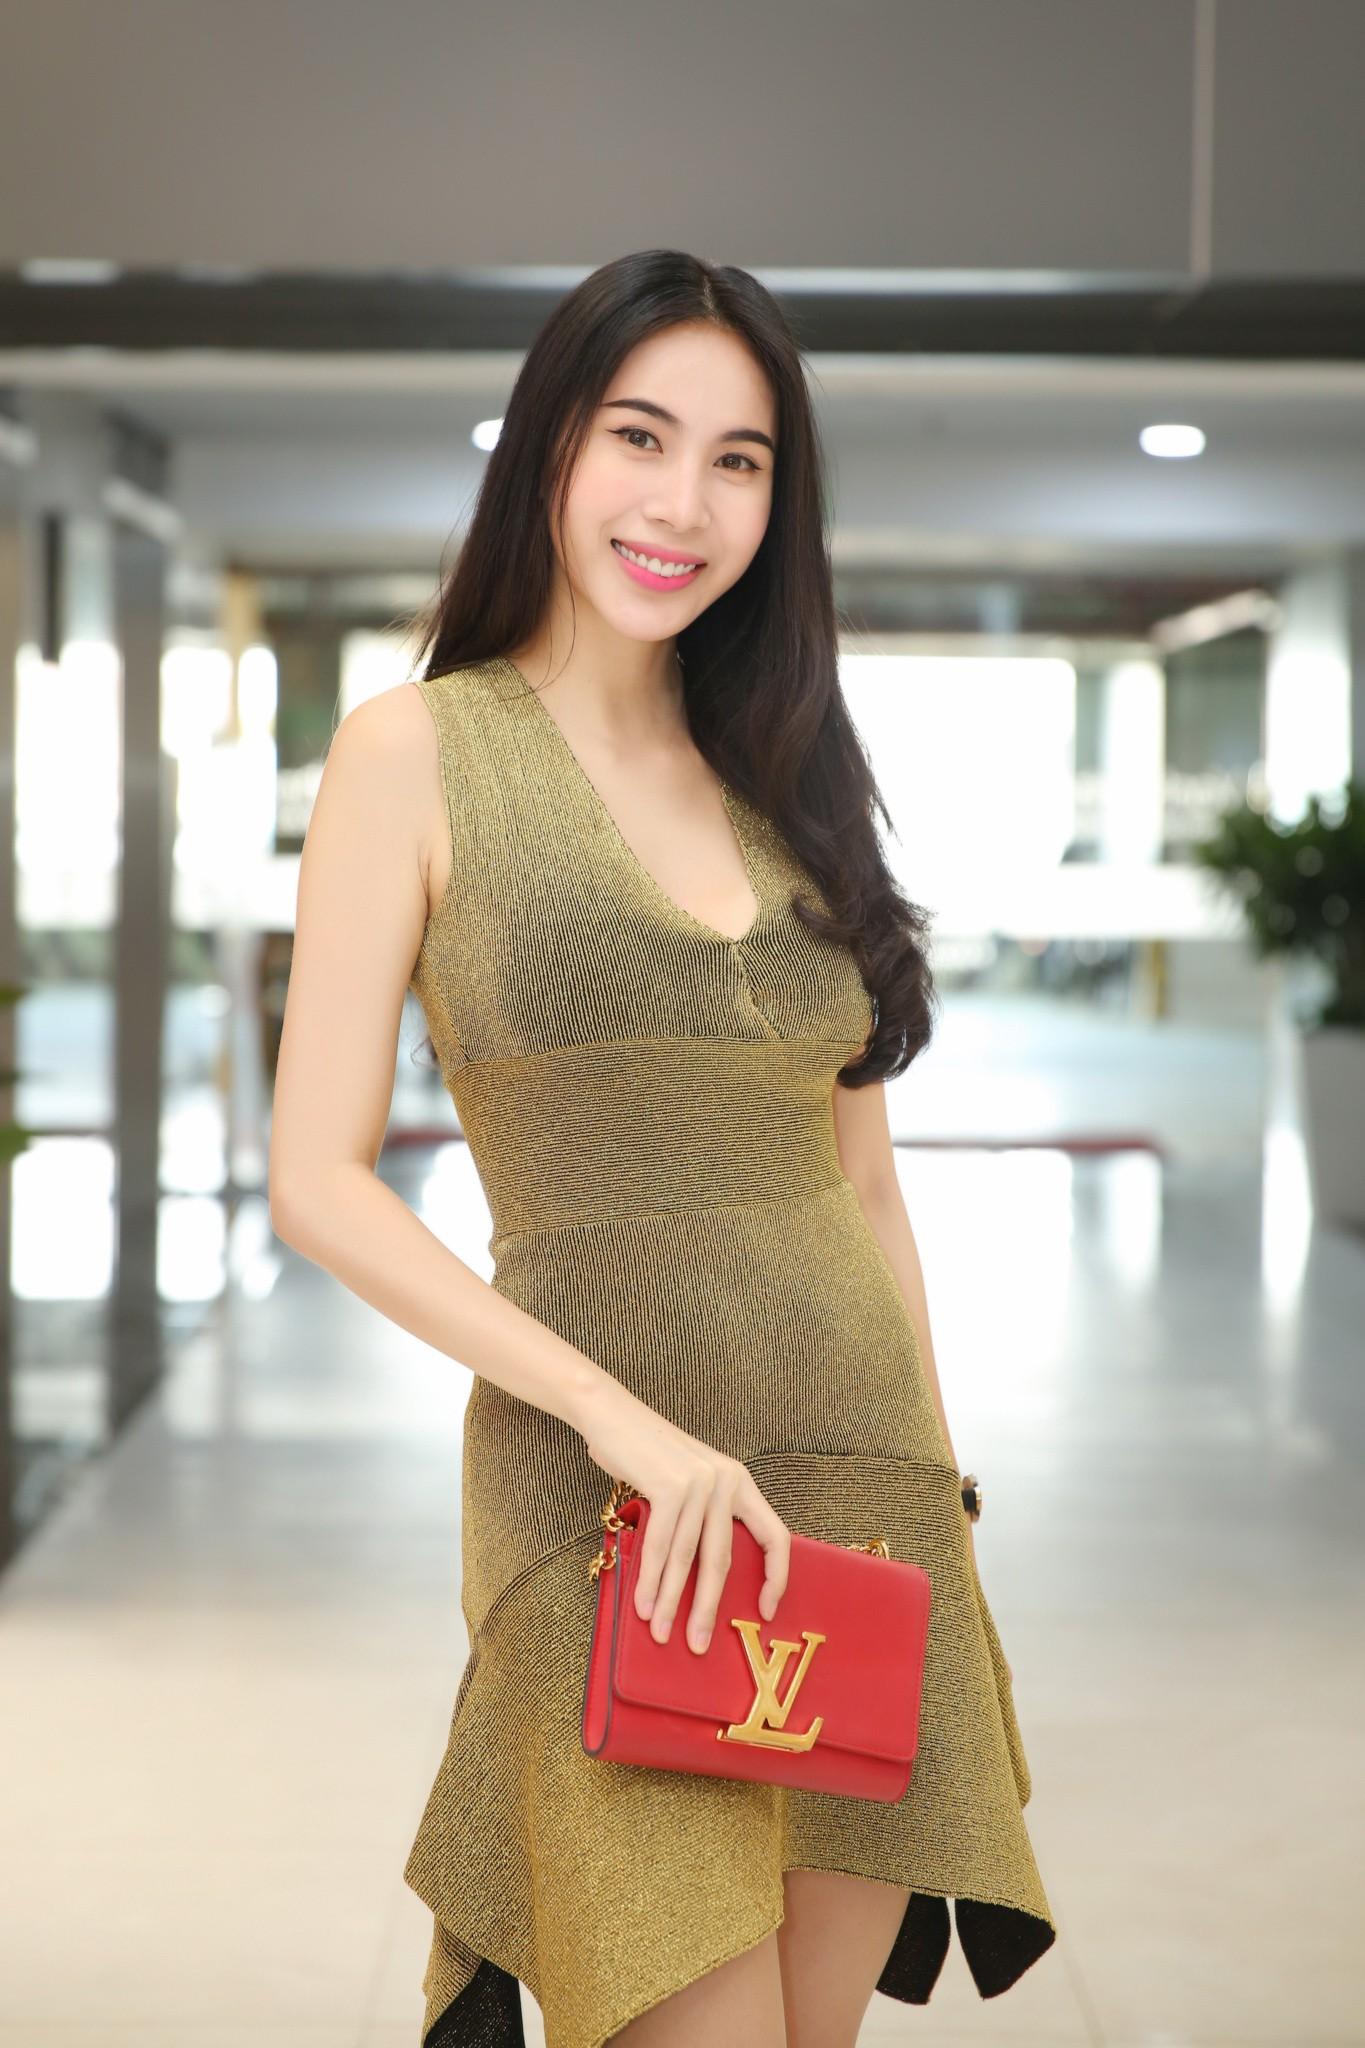 Hậu tin đồn mang thai lần 2, Thủy Tiên diện váy ôm sát khoe vòng eo phẳng lì - Ảnh 3.